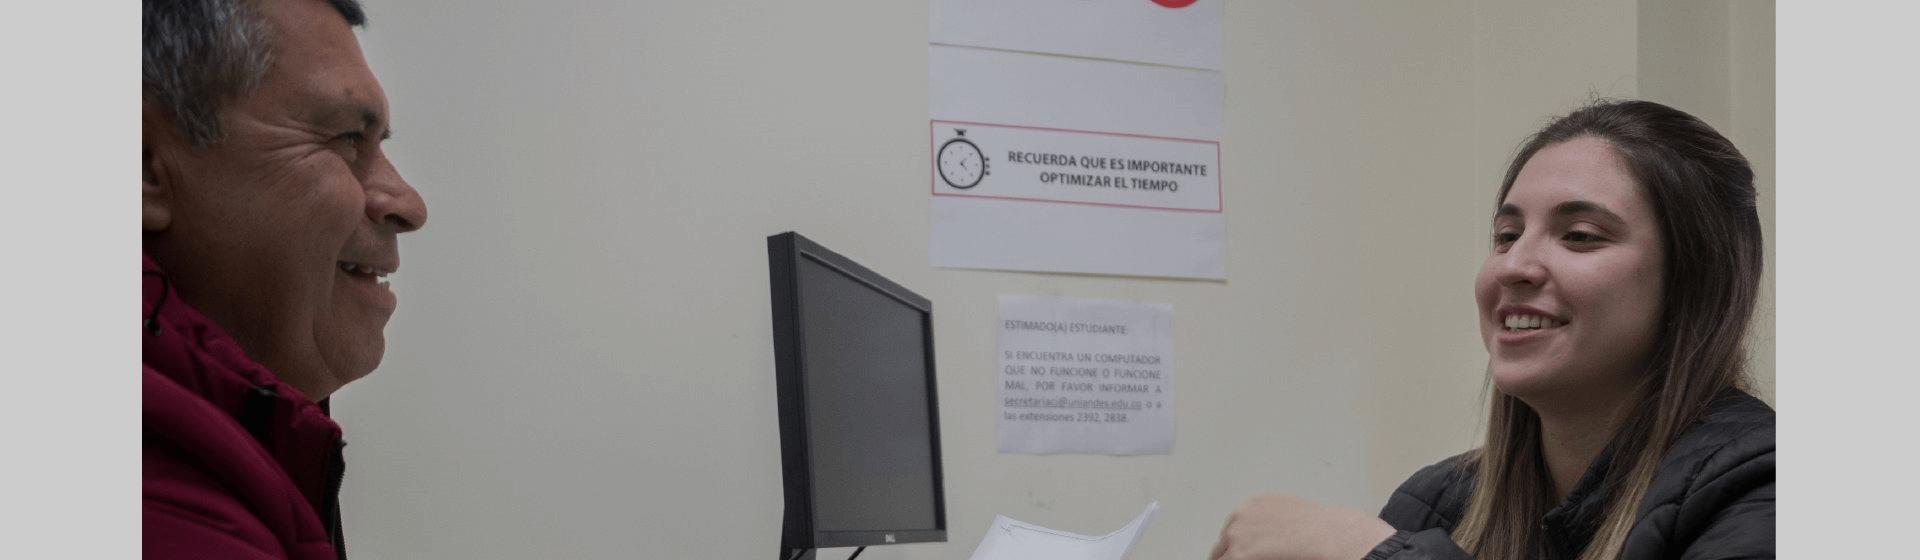 Impacto social Facultad de Derecho.